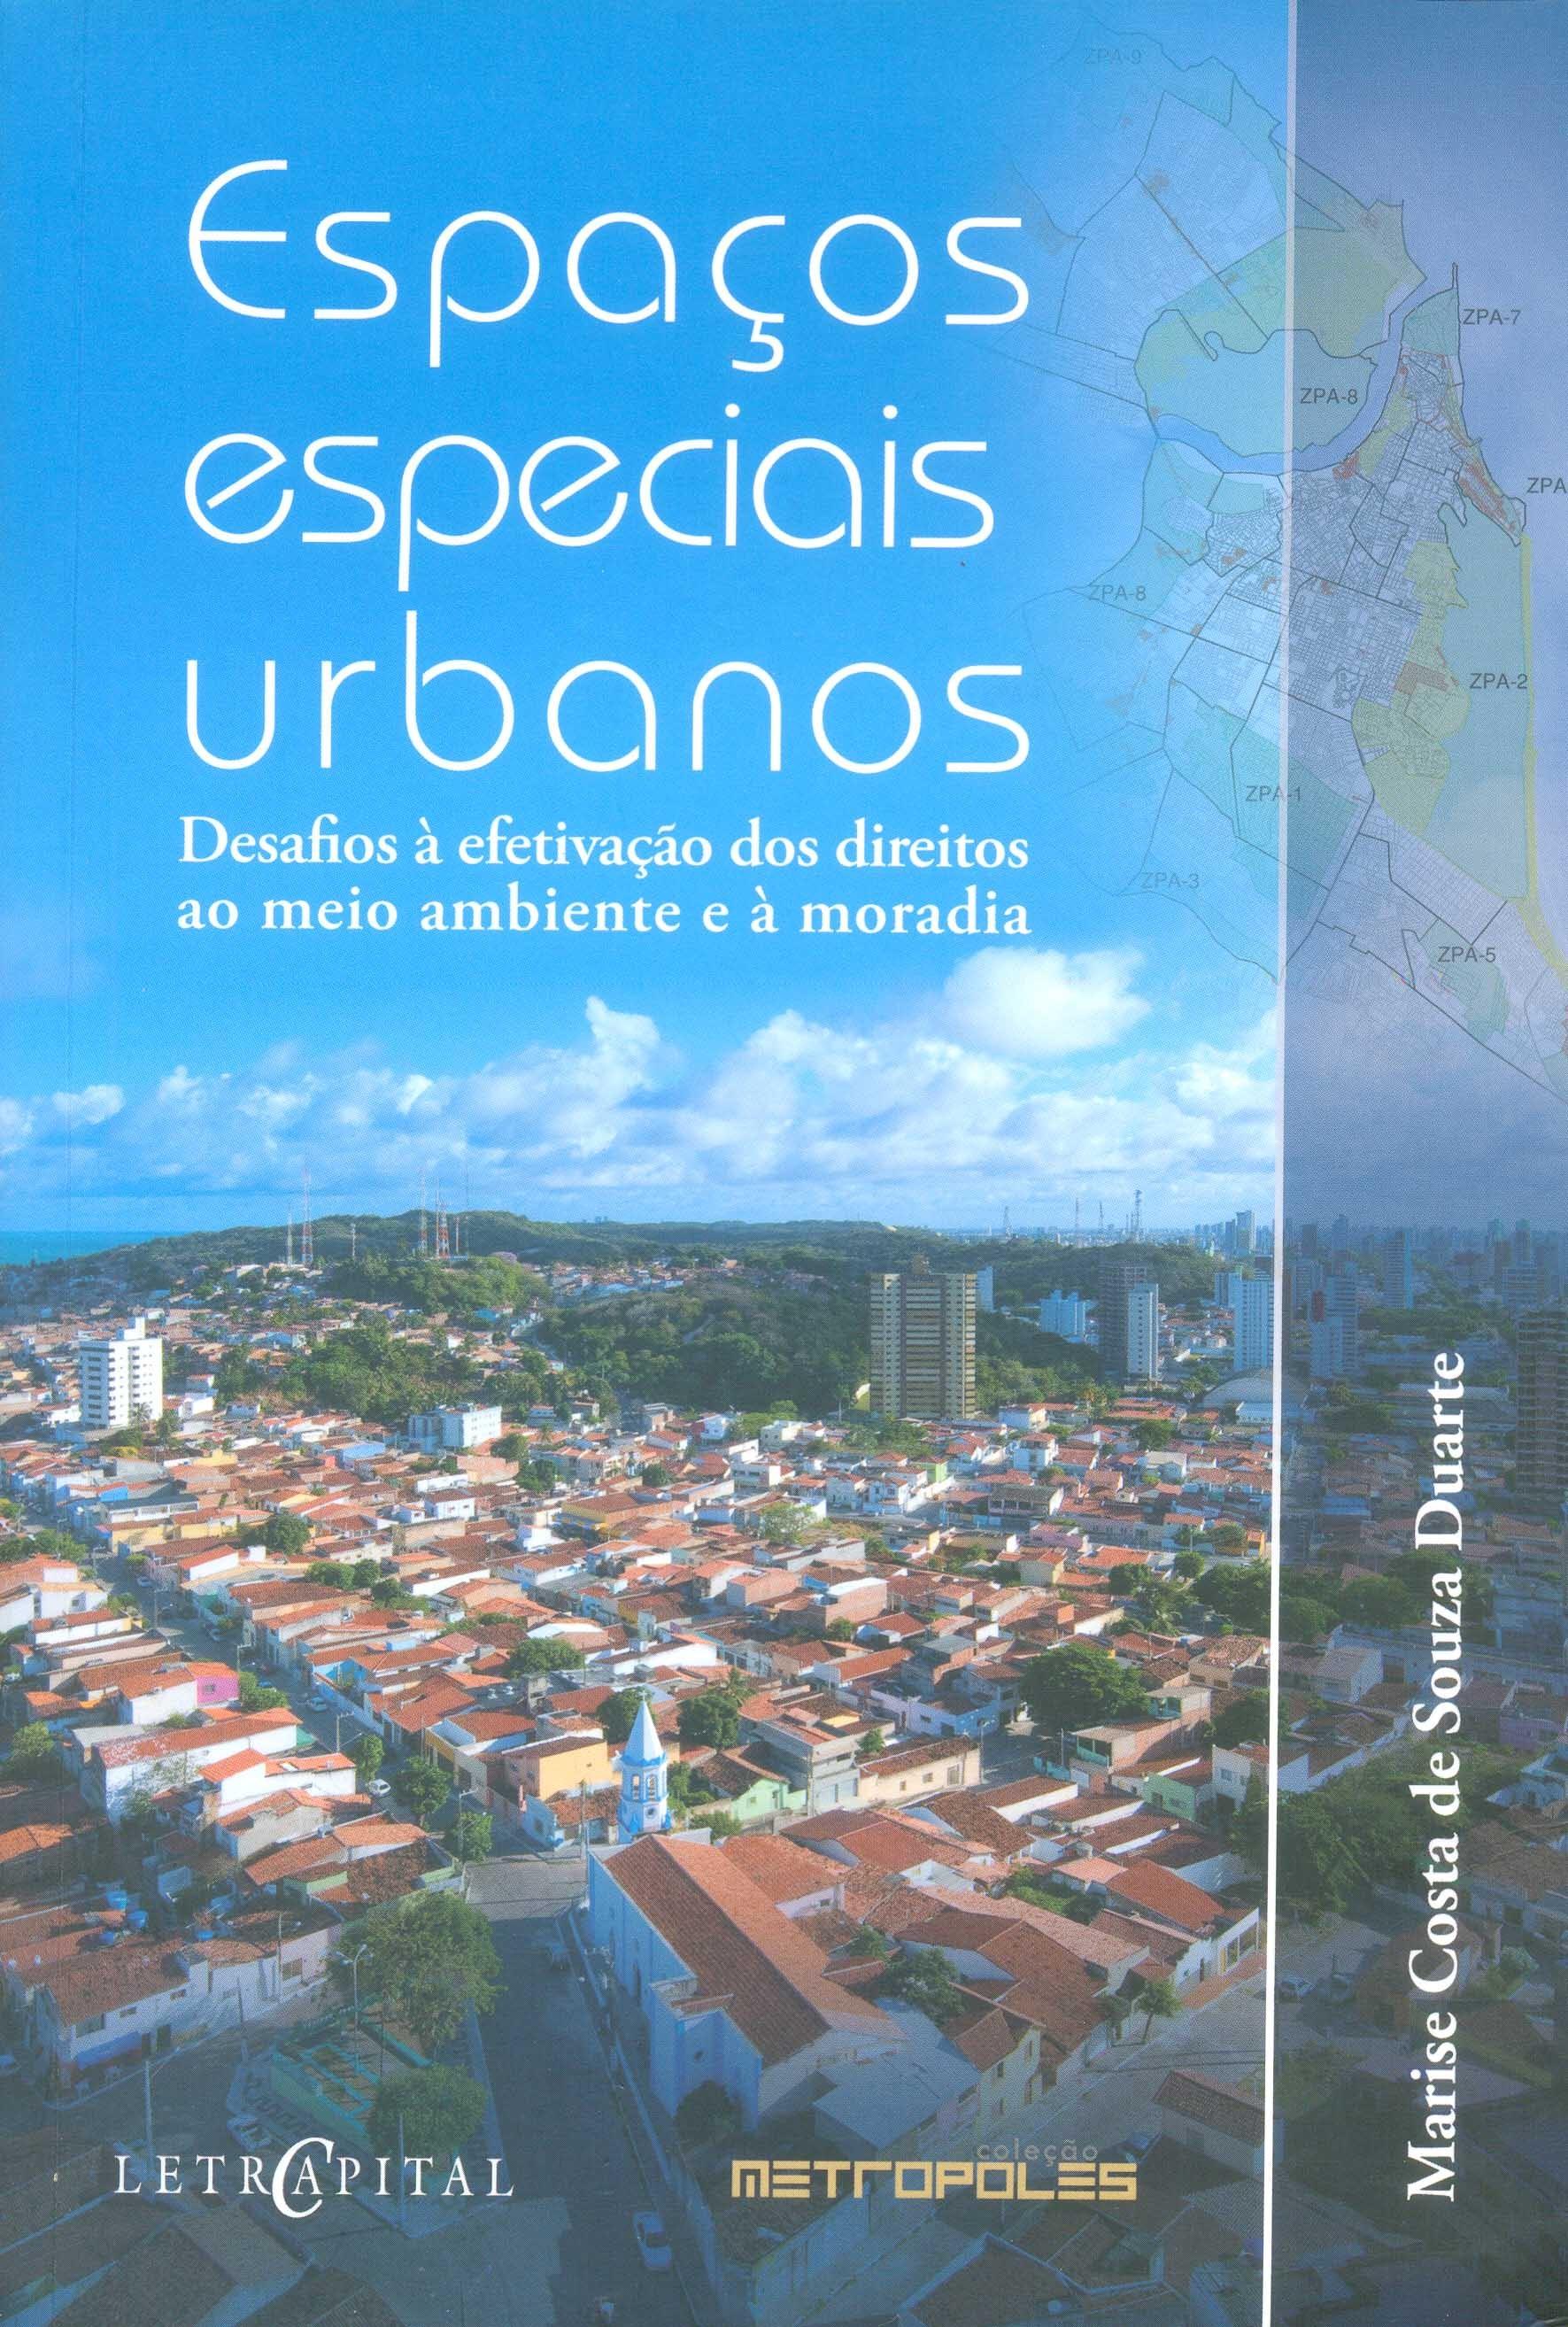 Espaços especiais urbanos: desafios à efetivação dos direitos ao meio ambiente e à moradia